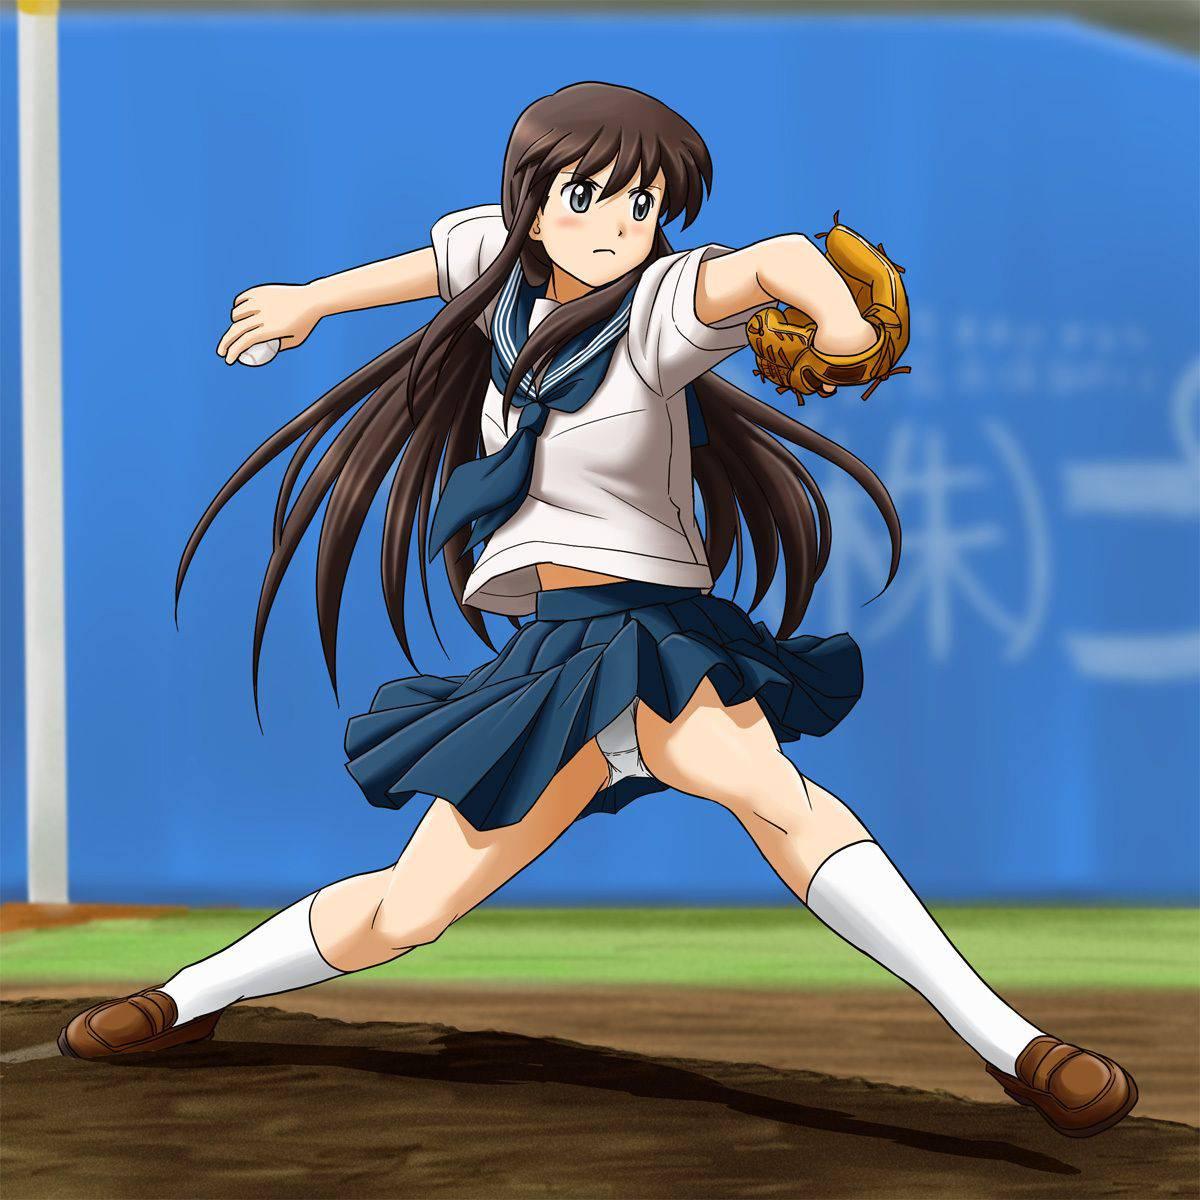 【棒を握ったり】野球・ソフトボールをやってる女の子のエロ画像【玉を掴んだり】【28】